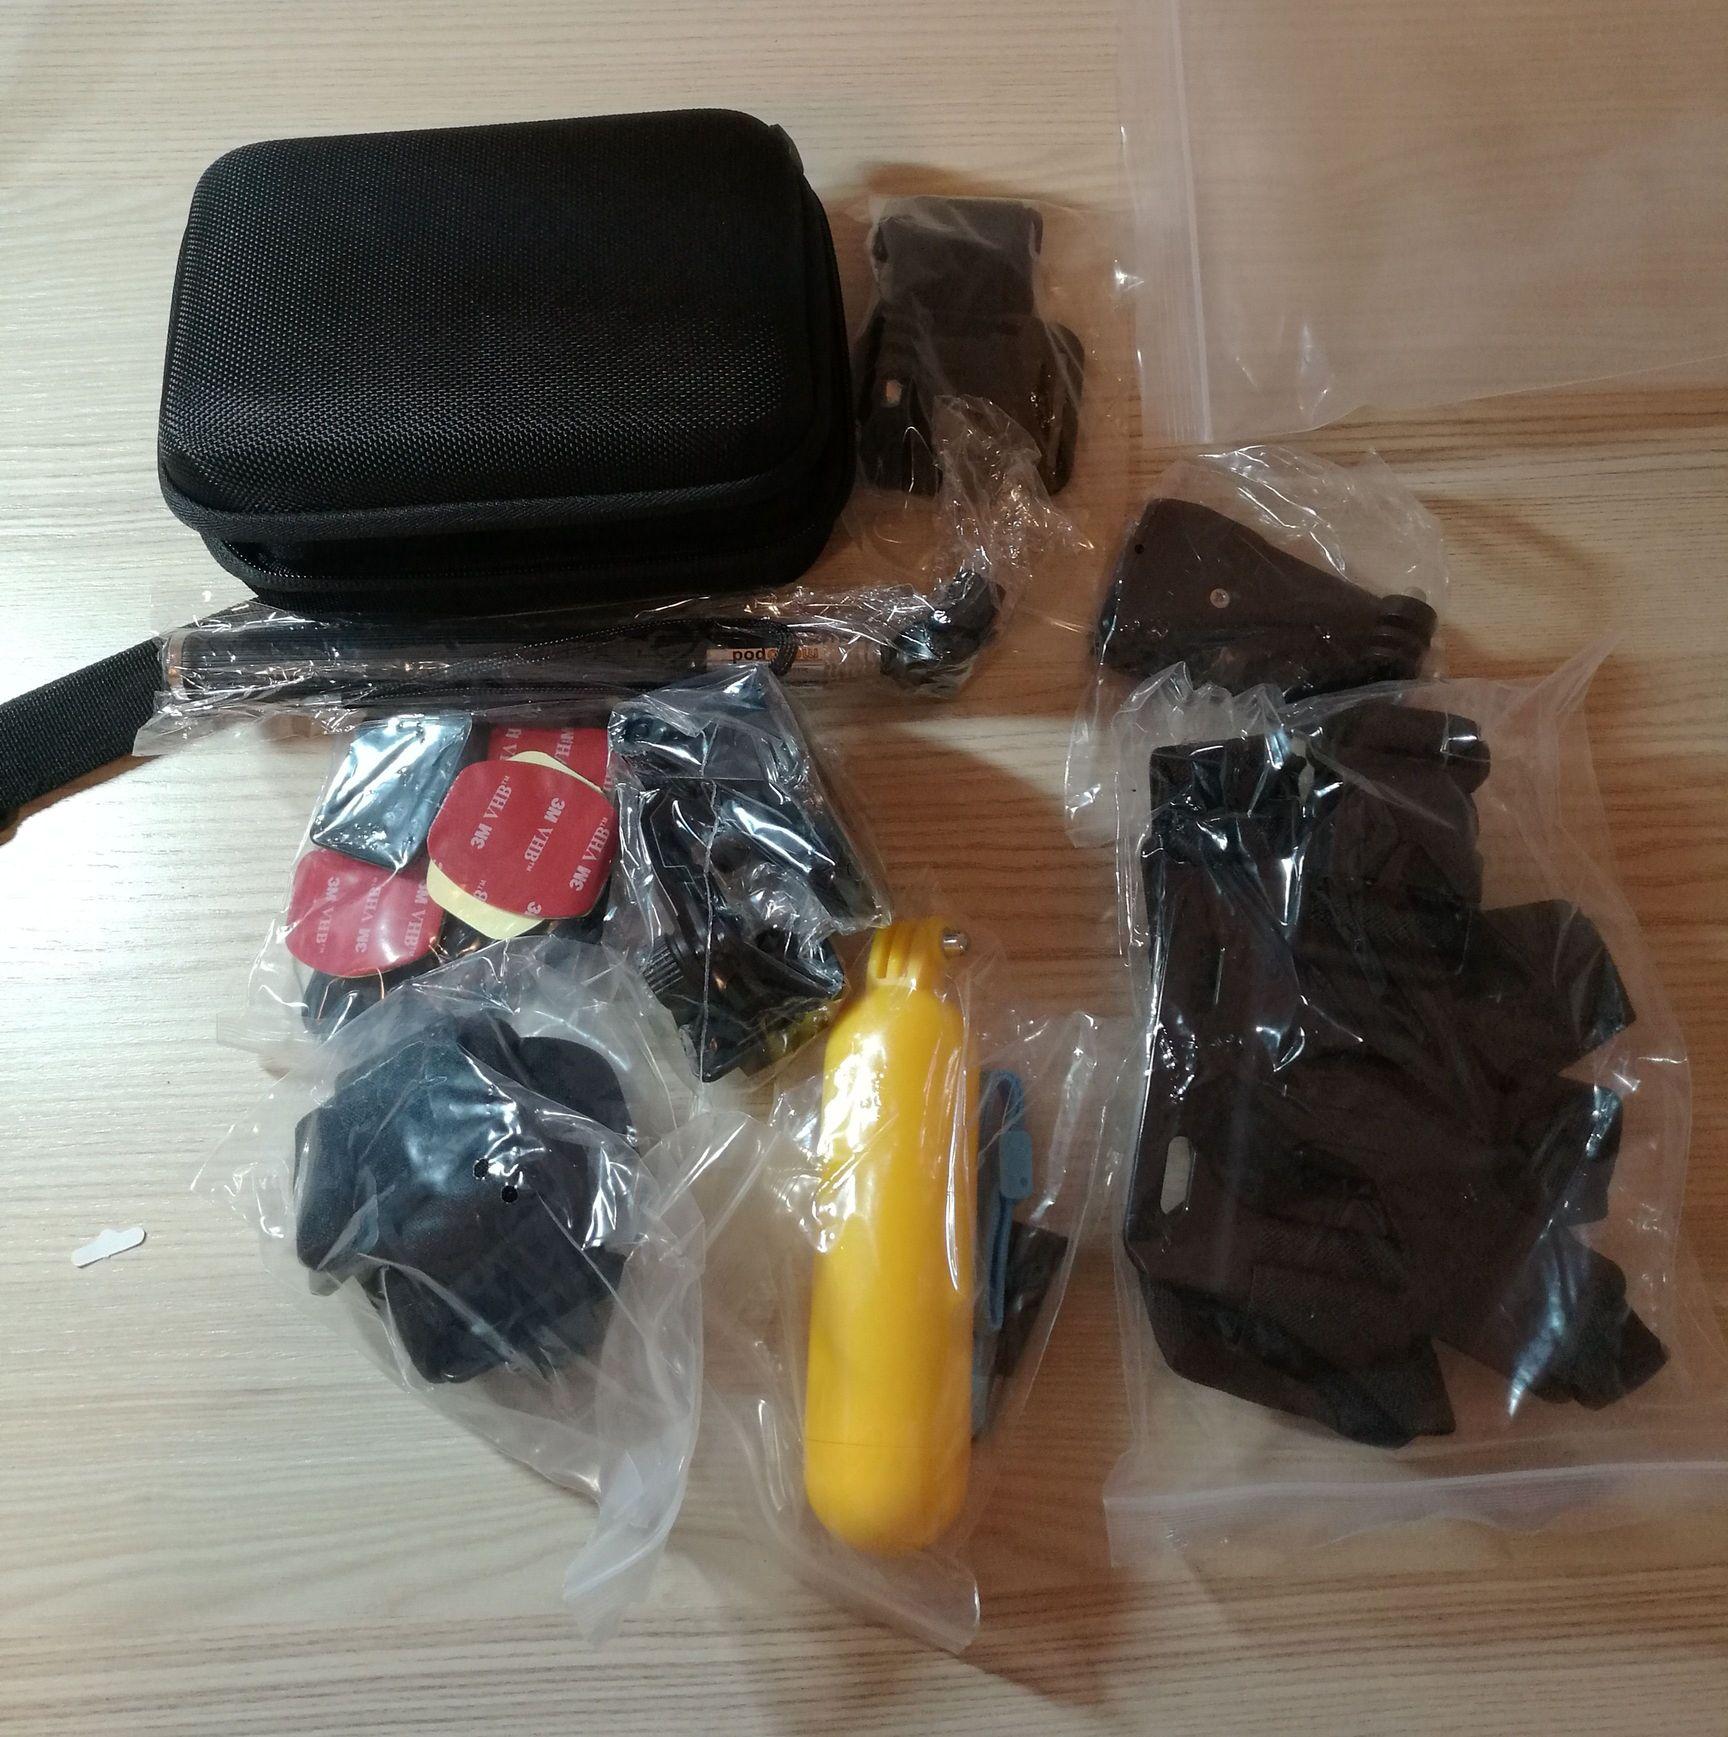 La mia presentazione di Kit Accessori per GoPro e compatibili Zookki